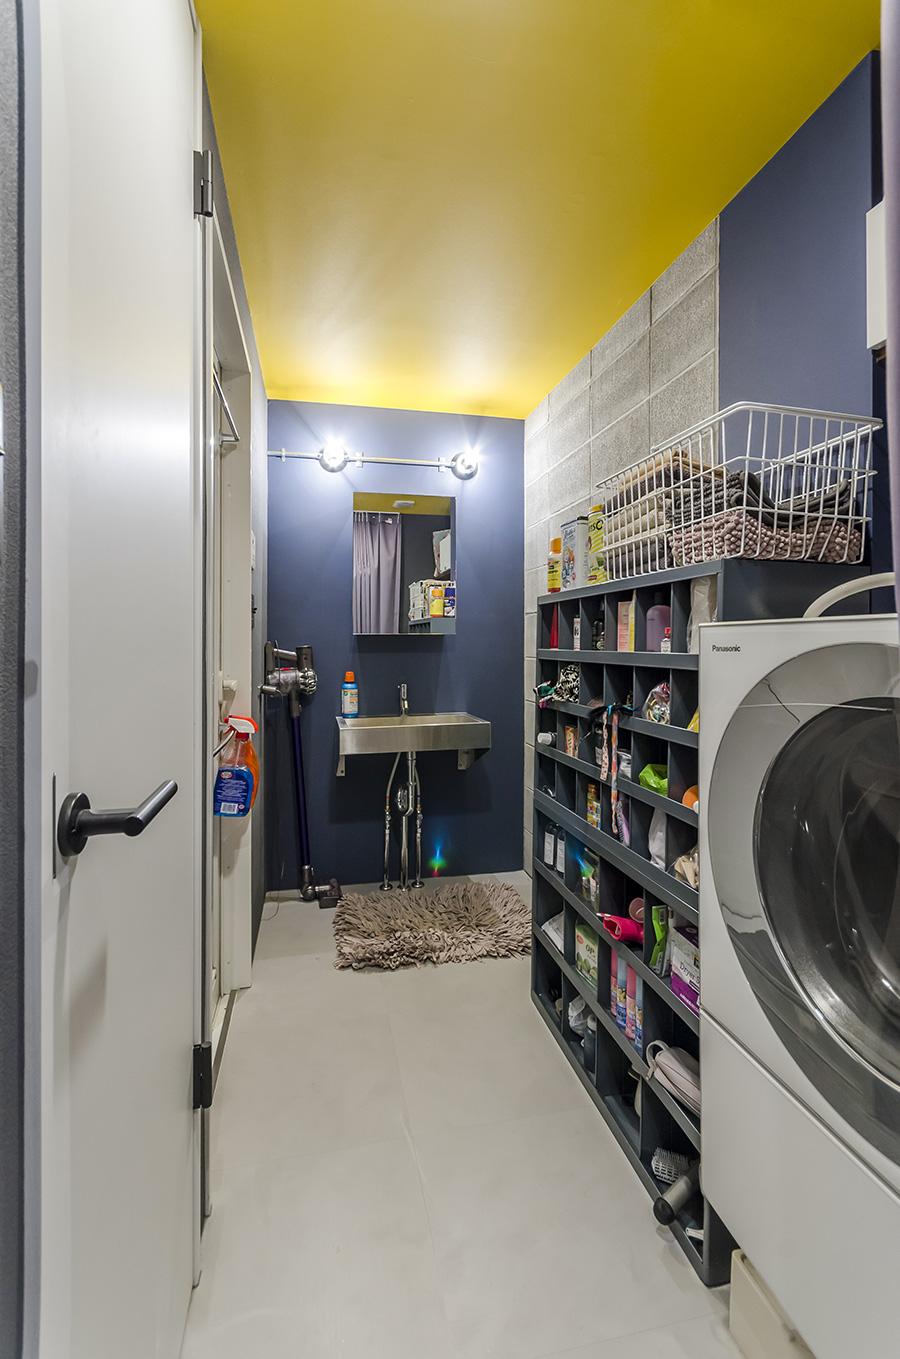 洗濯機、風呂、トイレなどの水回りは、一箇所に集中させた。